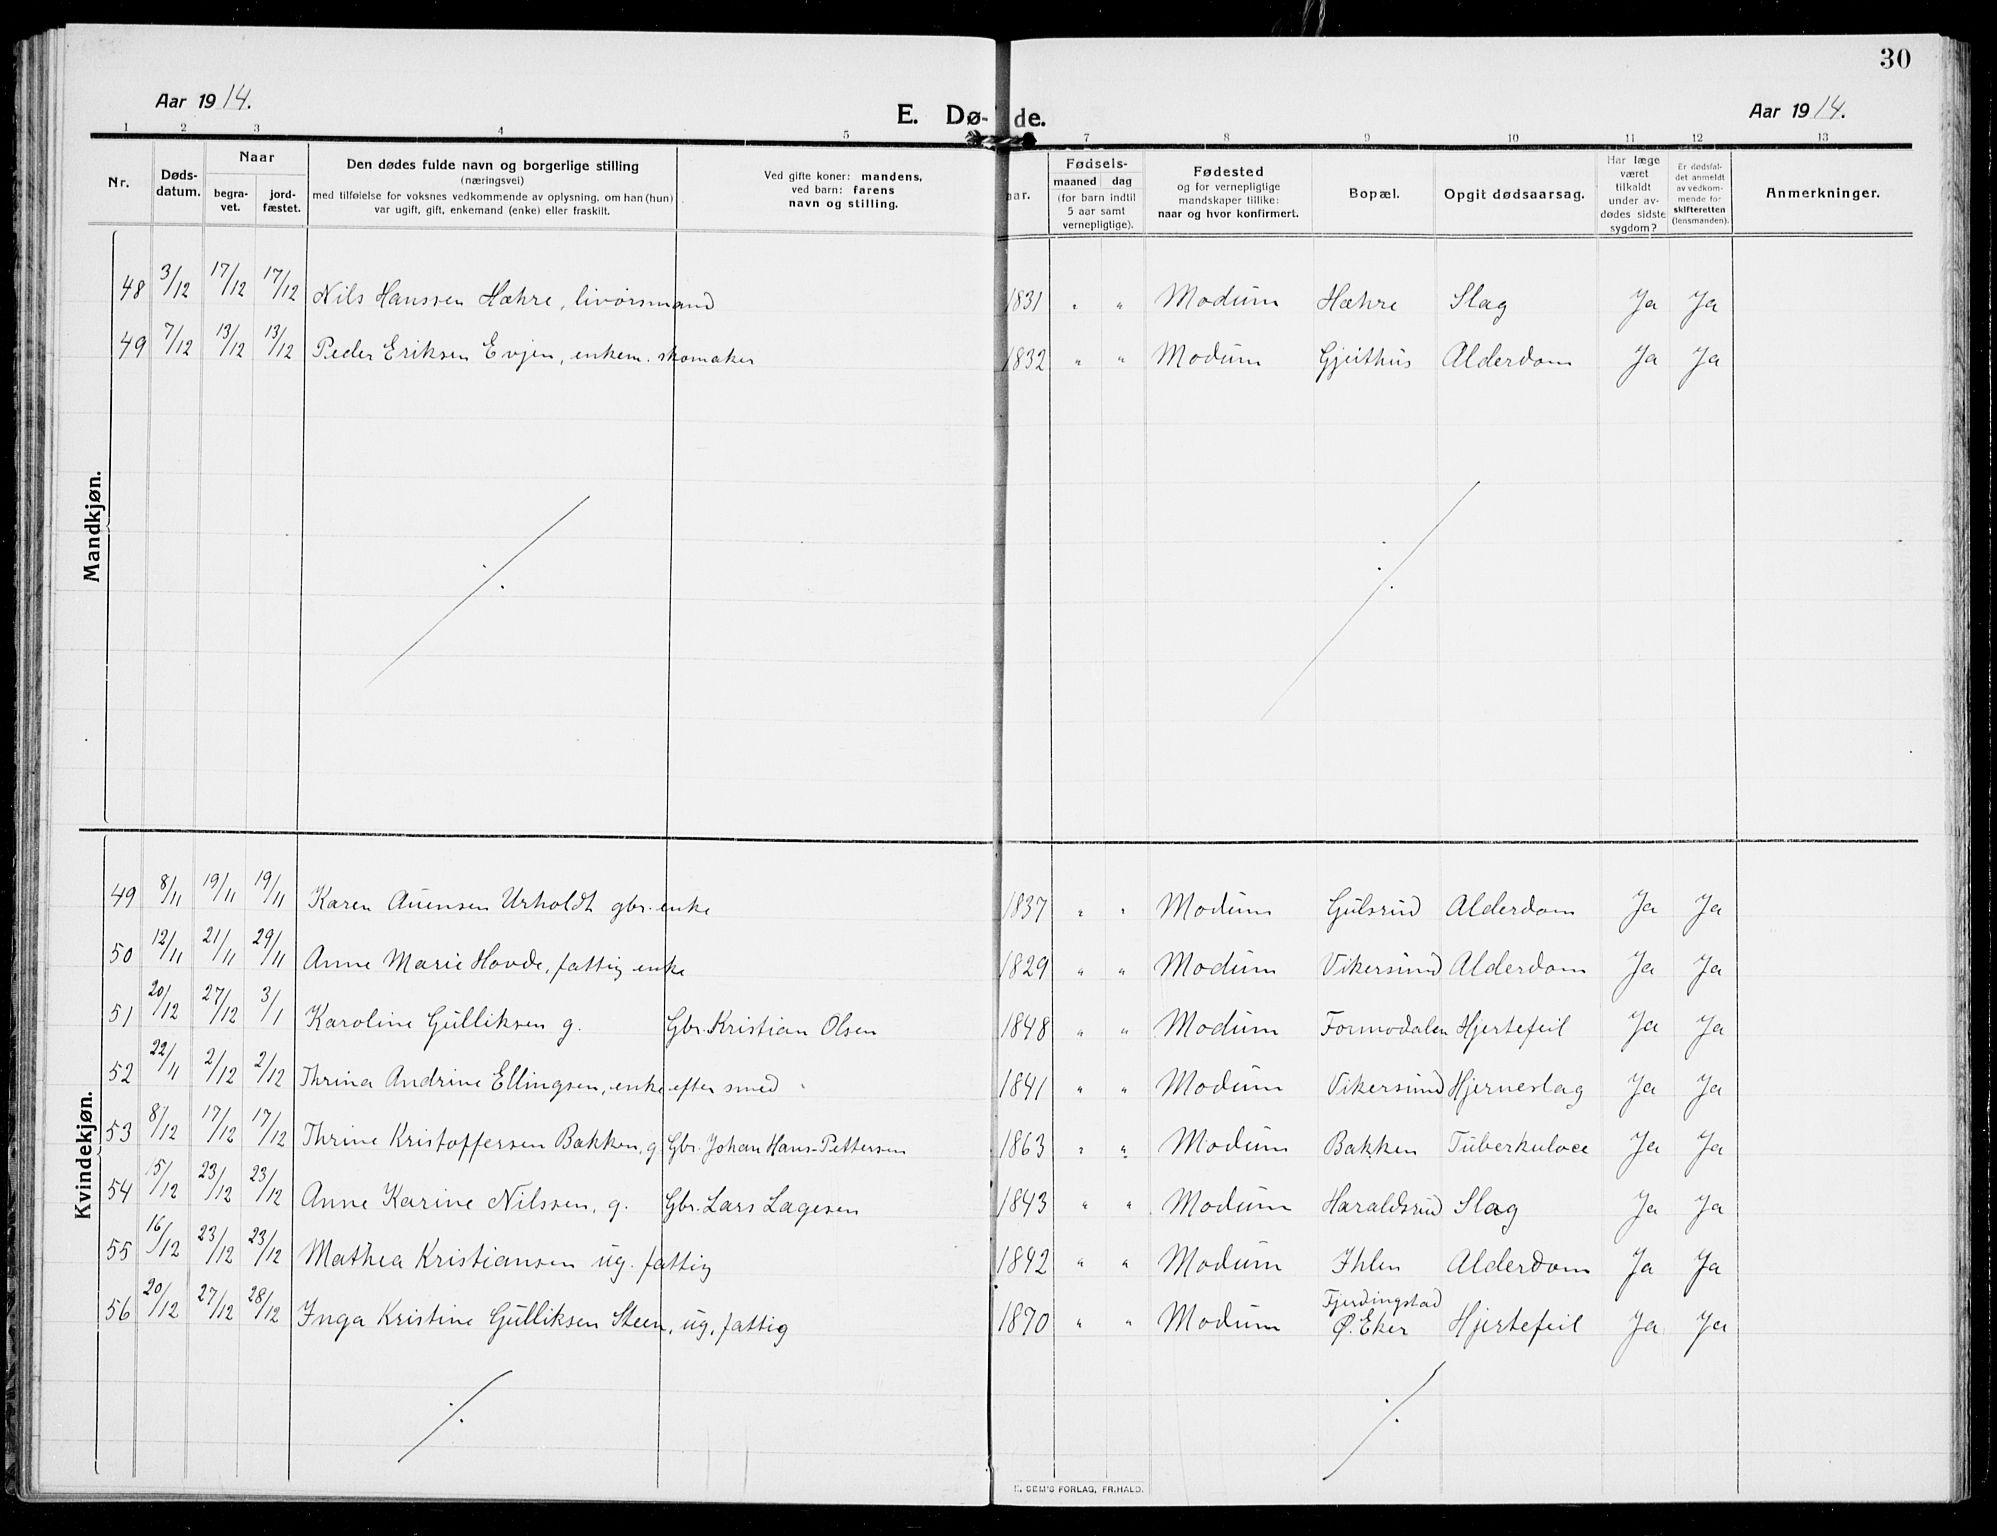 SAKO, Modum kirkebøker, G/Ga/L0011: Klokkerbok nr. I 11, 1910-1925, s. 30